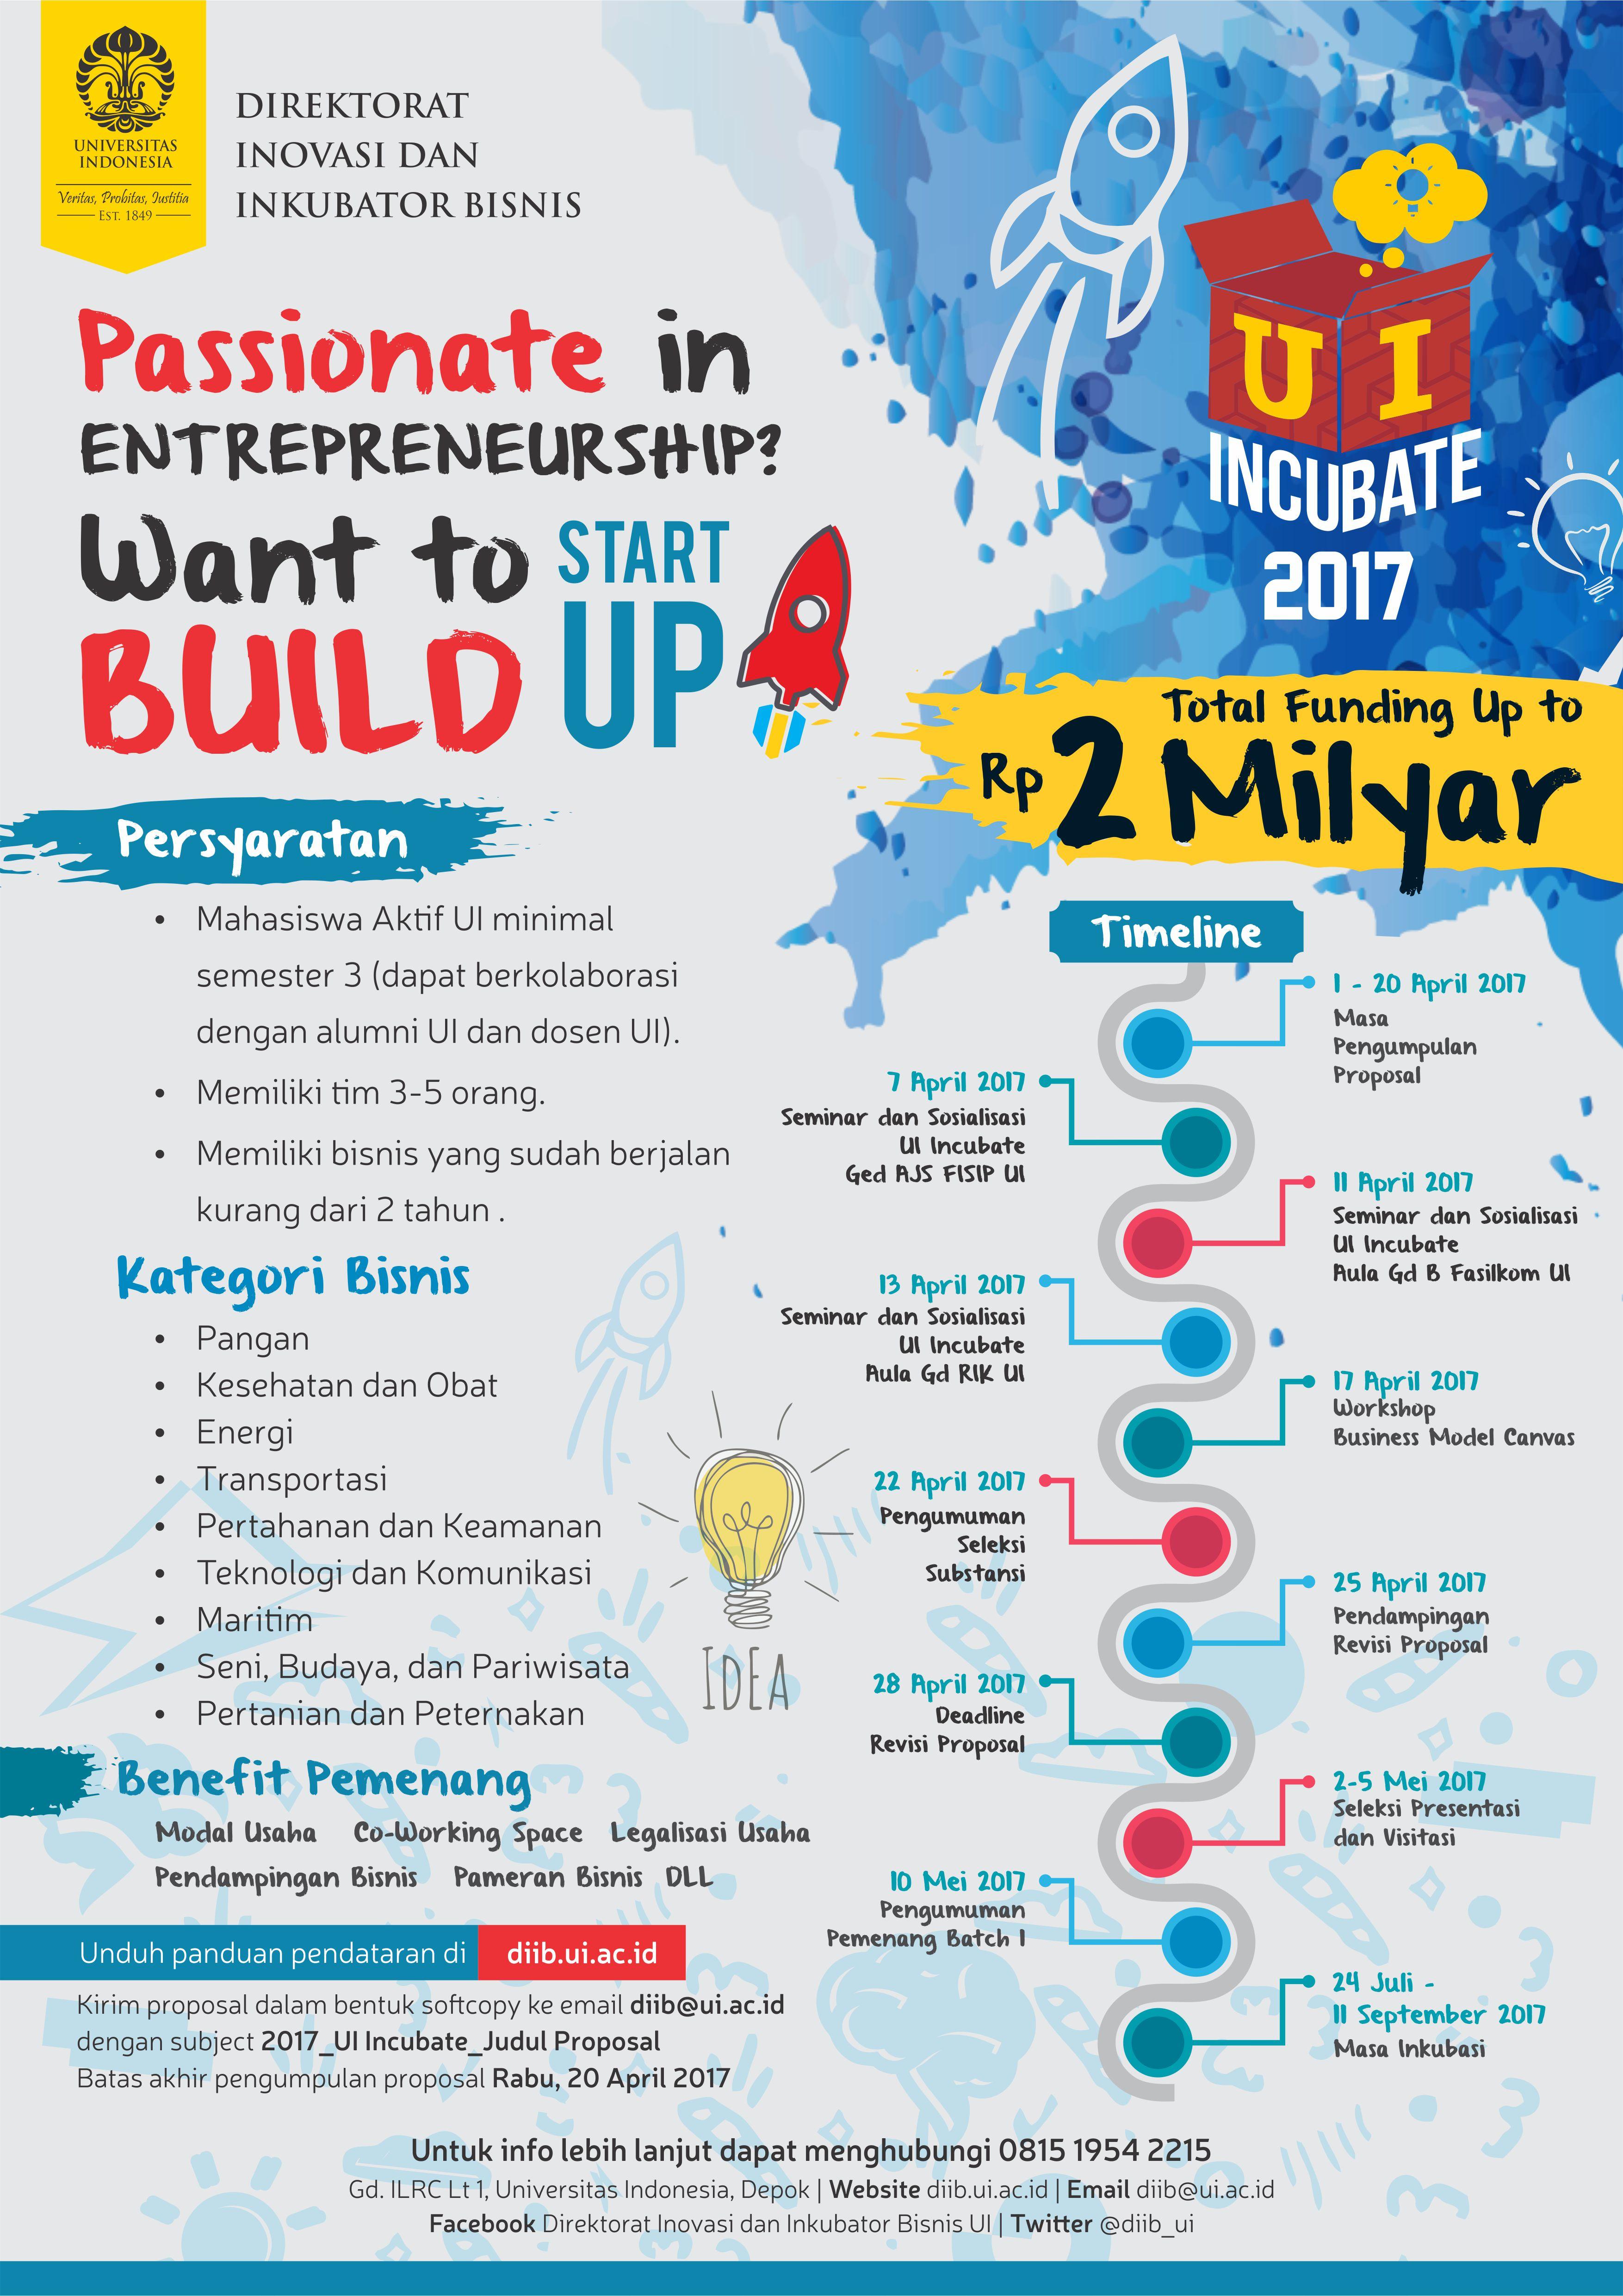 Poster UI Incubate 2017